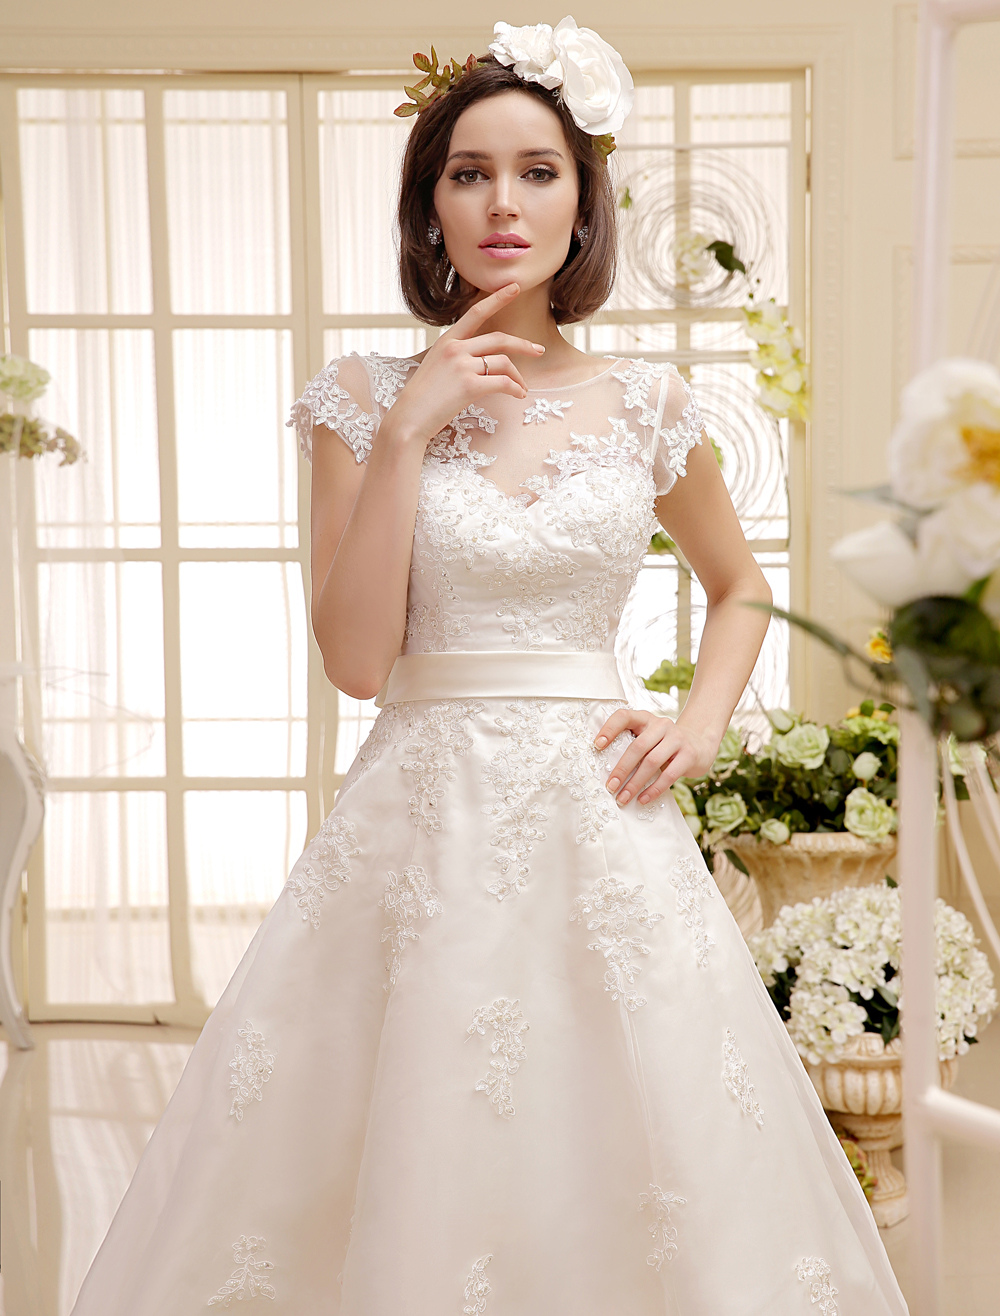 Kurze Brautkleider 2018 Elfenbein Spitze Applique Vintage Brautkleid ...